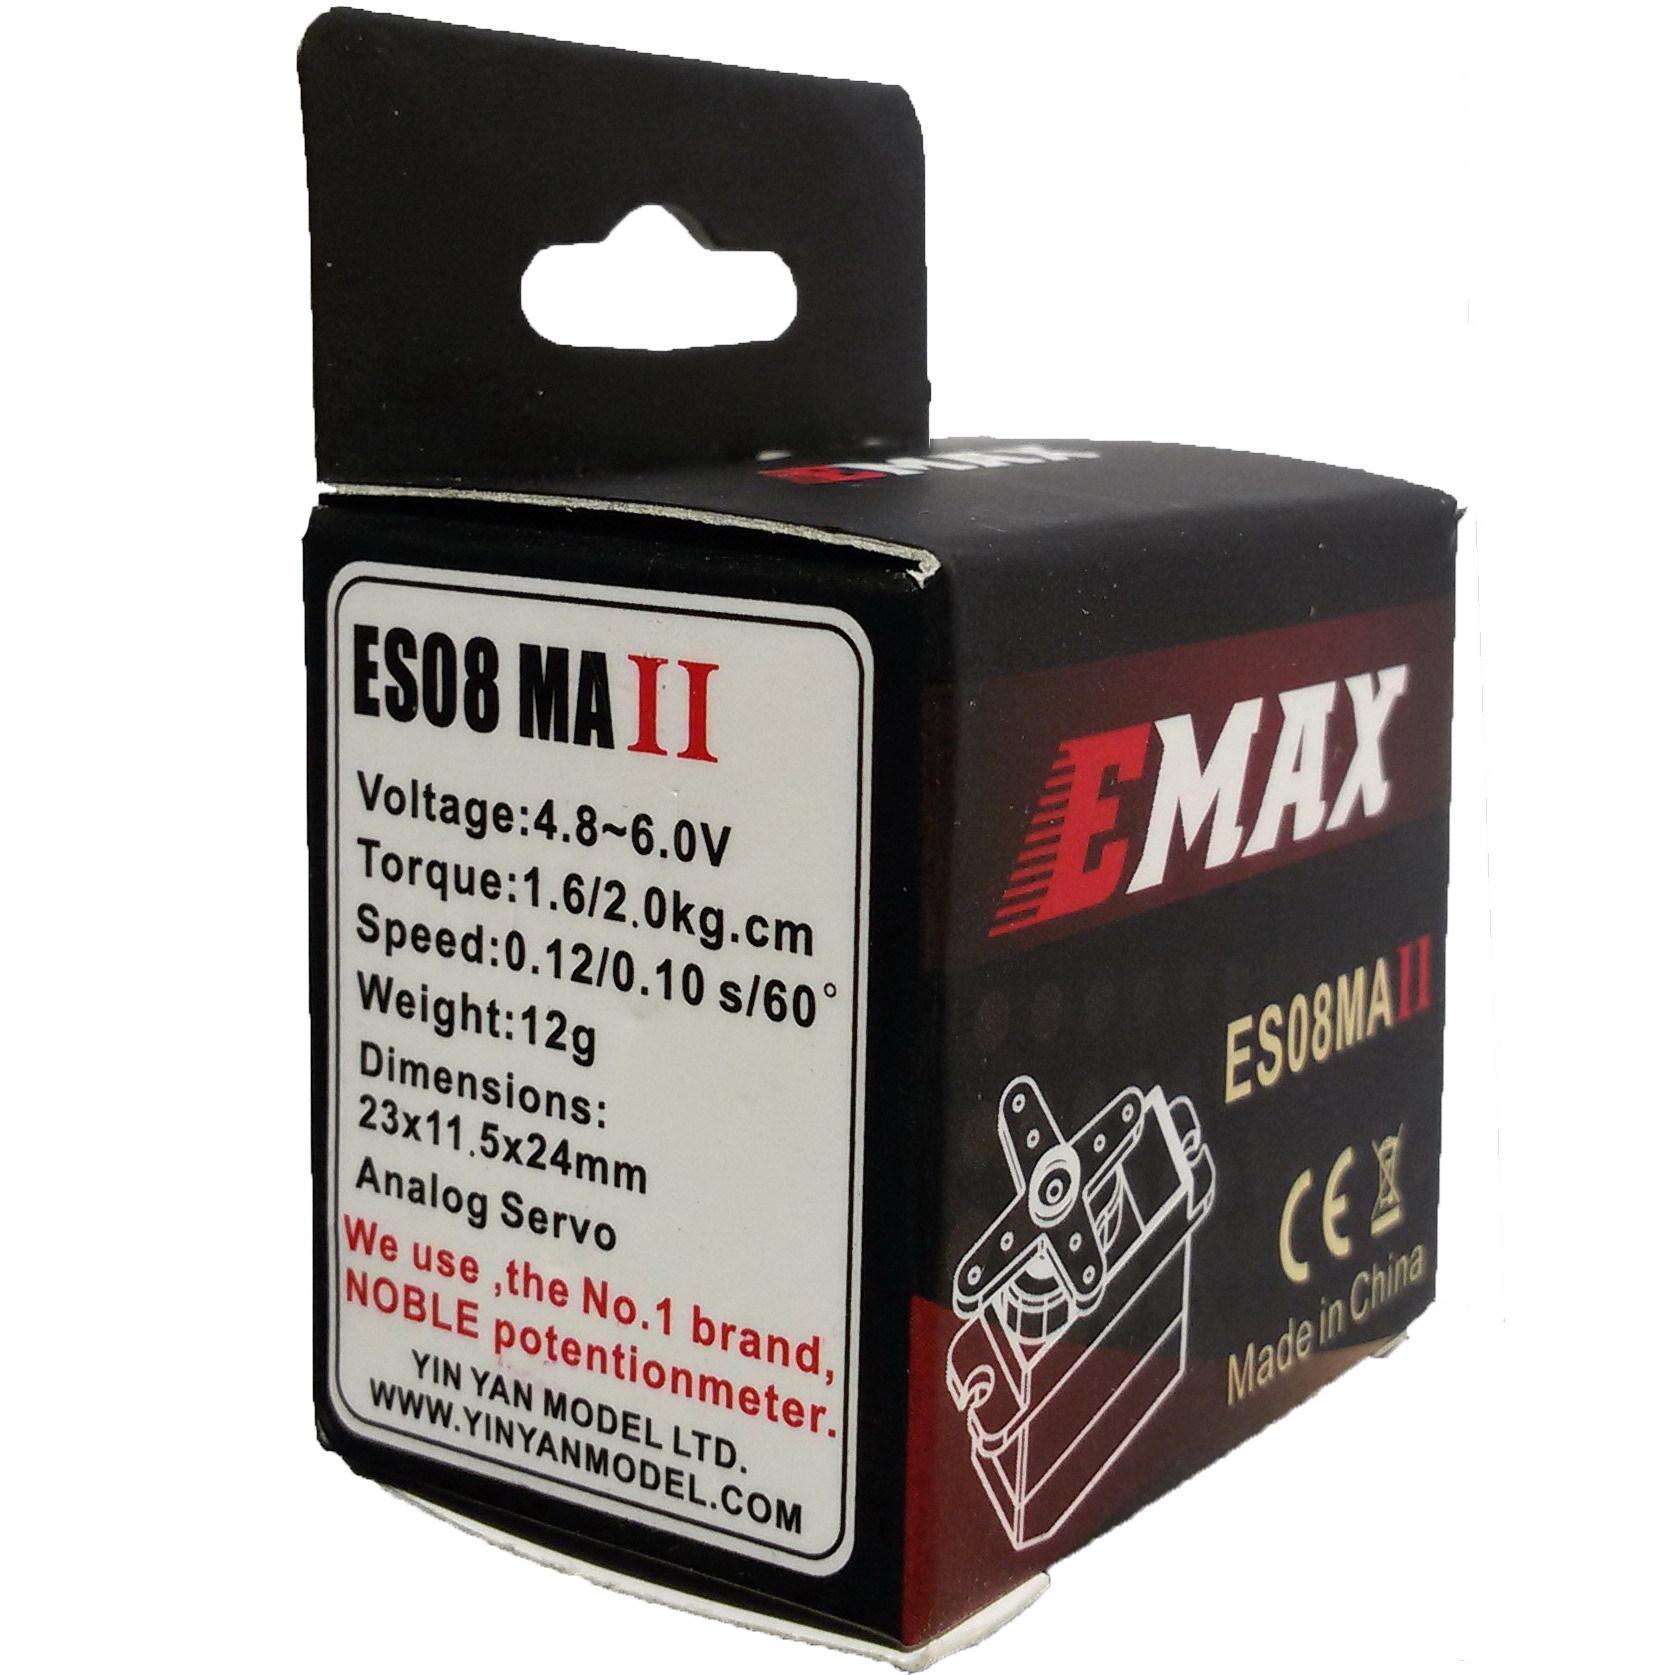 Микросервопривод EMAX ES08 MAII